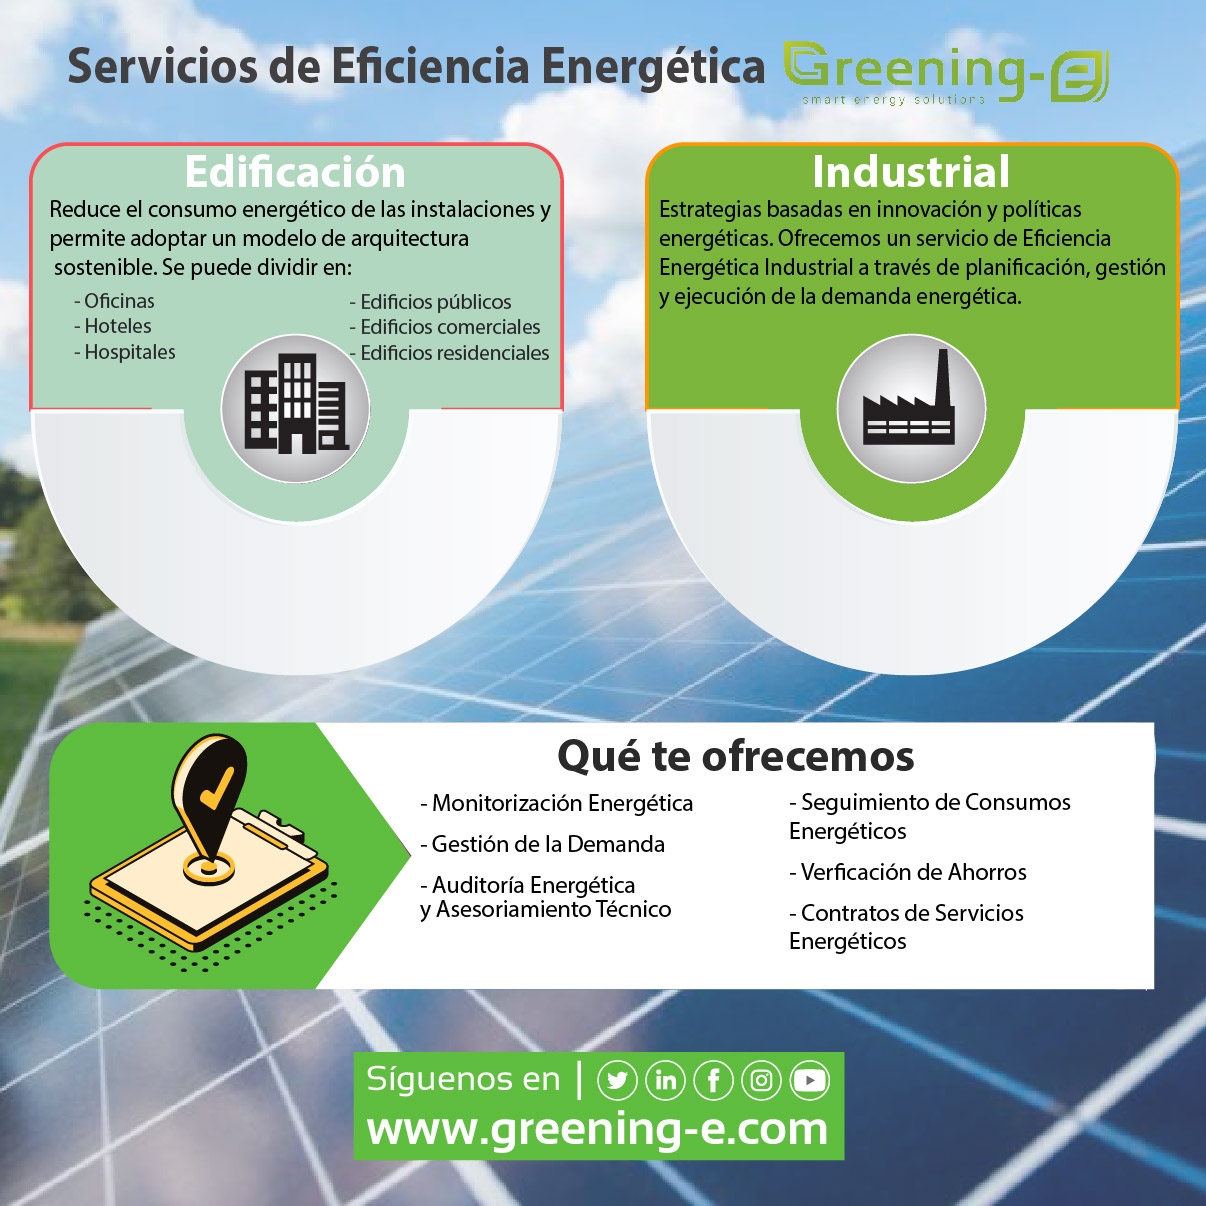 actuaciones servicio de Eficiencia Energética Greening-e